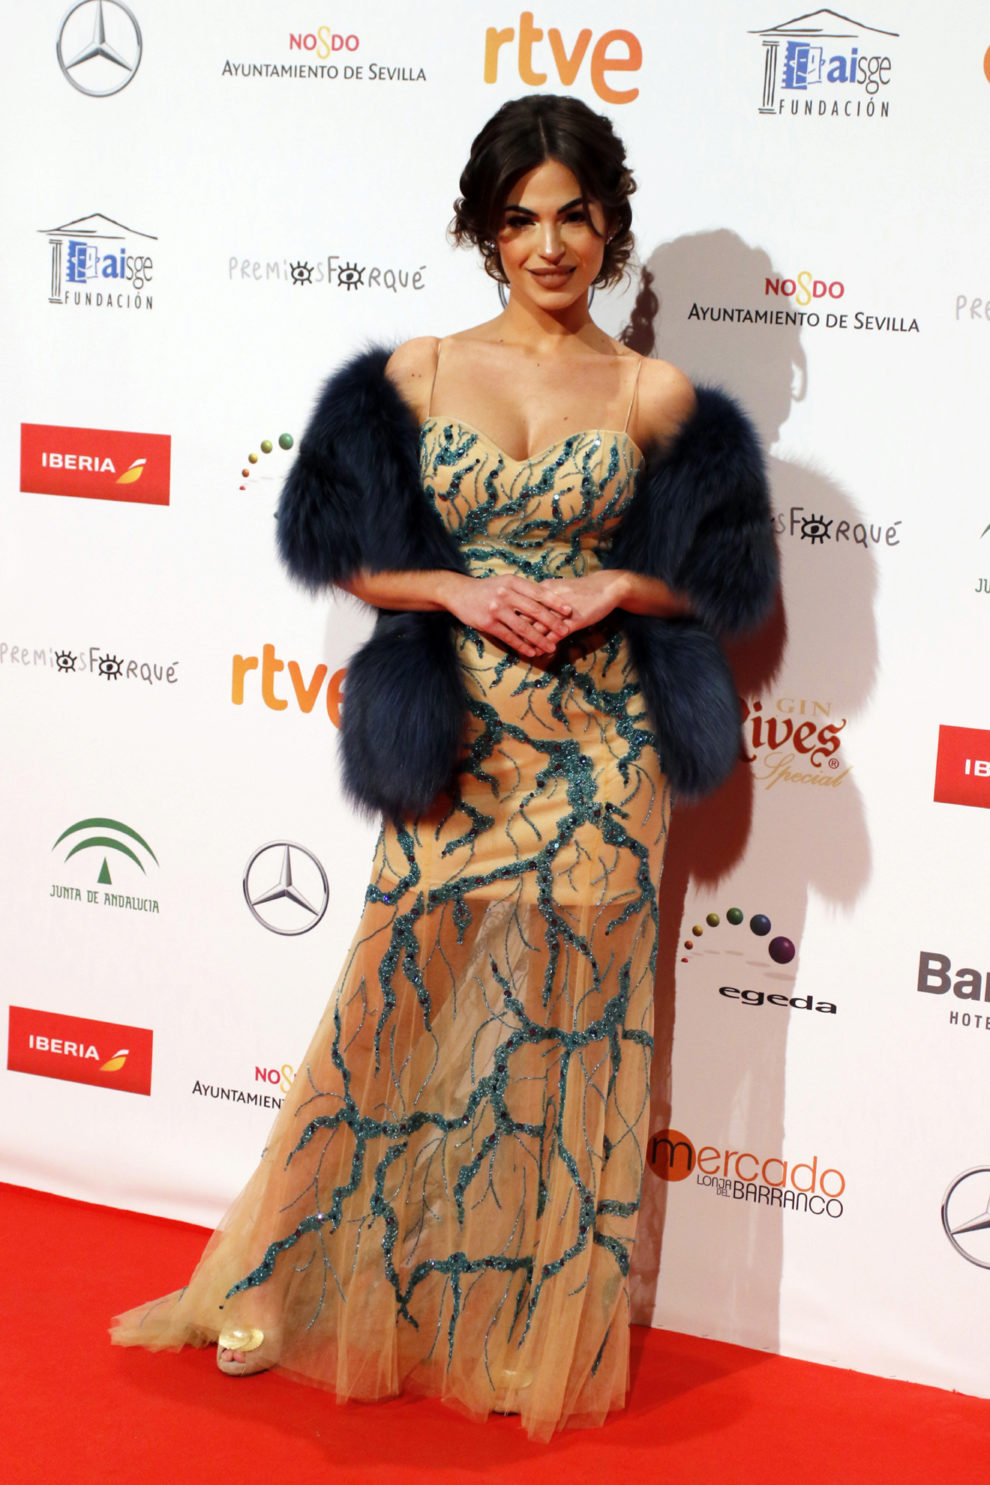 La modelo llevaba un  vestido de Sergi Regal, estola de piel de Piedad...